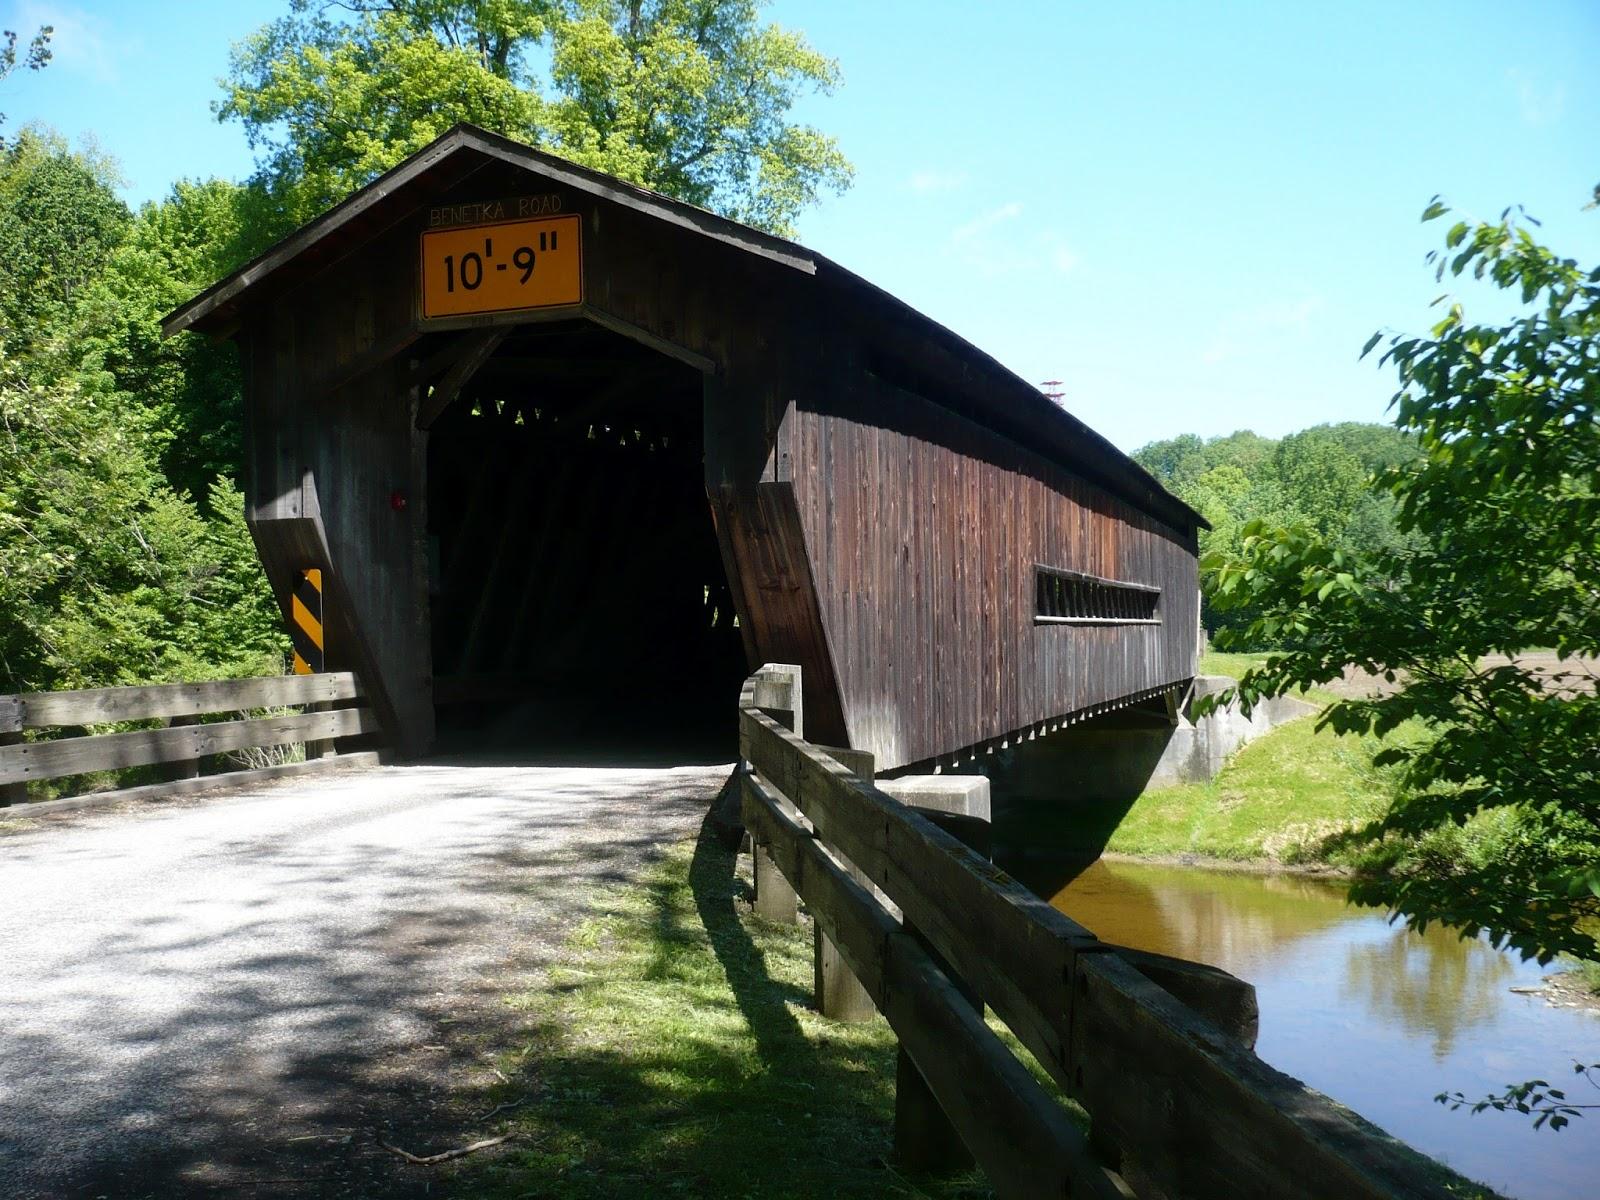 2dodges2go 5 25 13 Covered Bridges In Ohio